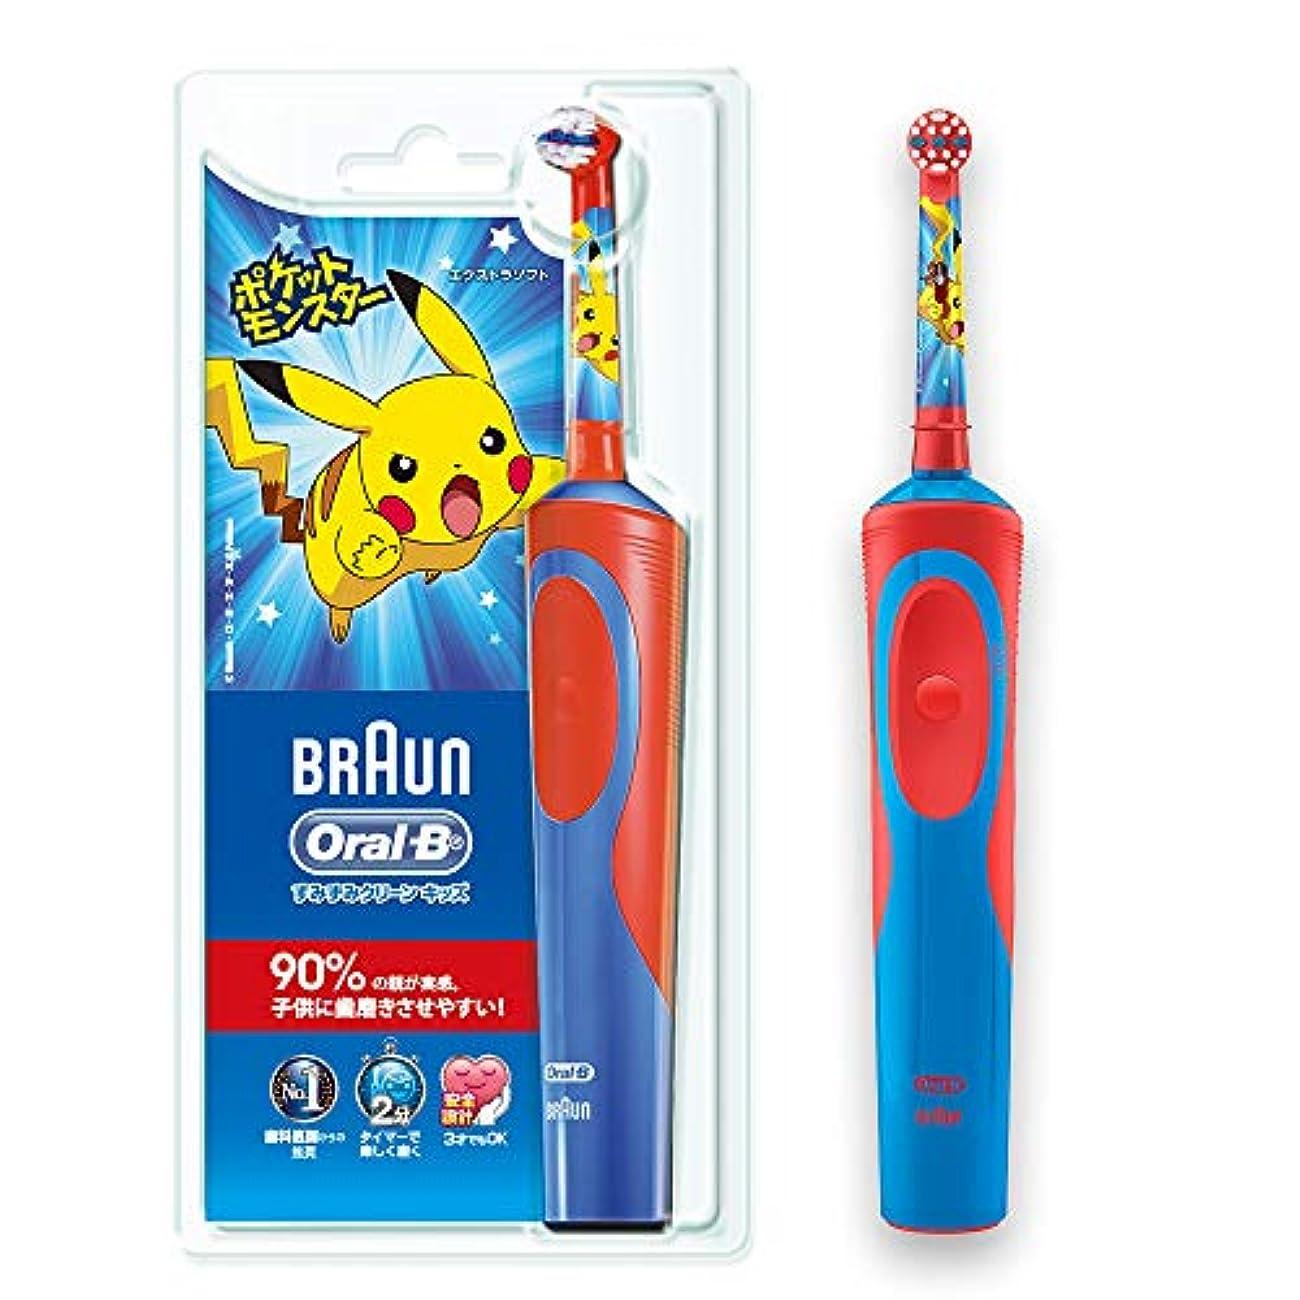 言うまでもなく同意する冷蔵するブラウン オーラルB 電動歯ブラシ 子供用 D12513KPKMB すみずみクリーンキッズ 本体 レッド ポケモン 歯ブラシ